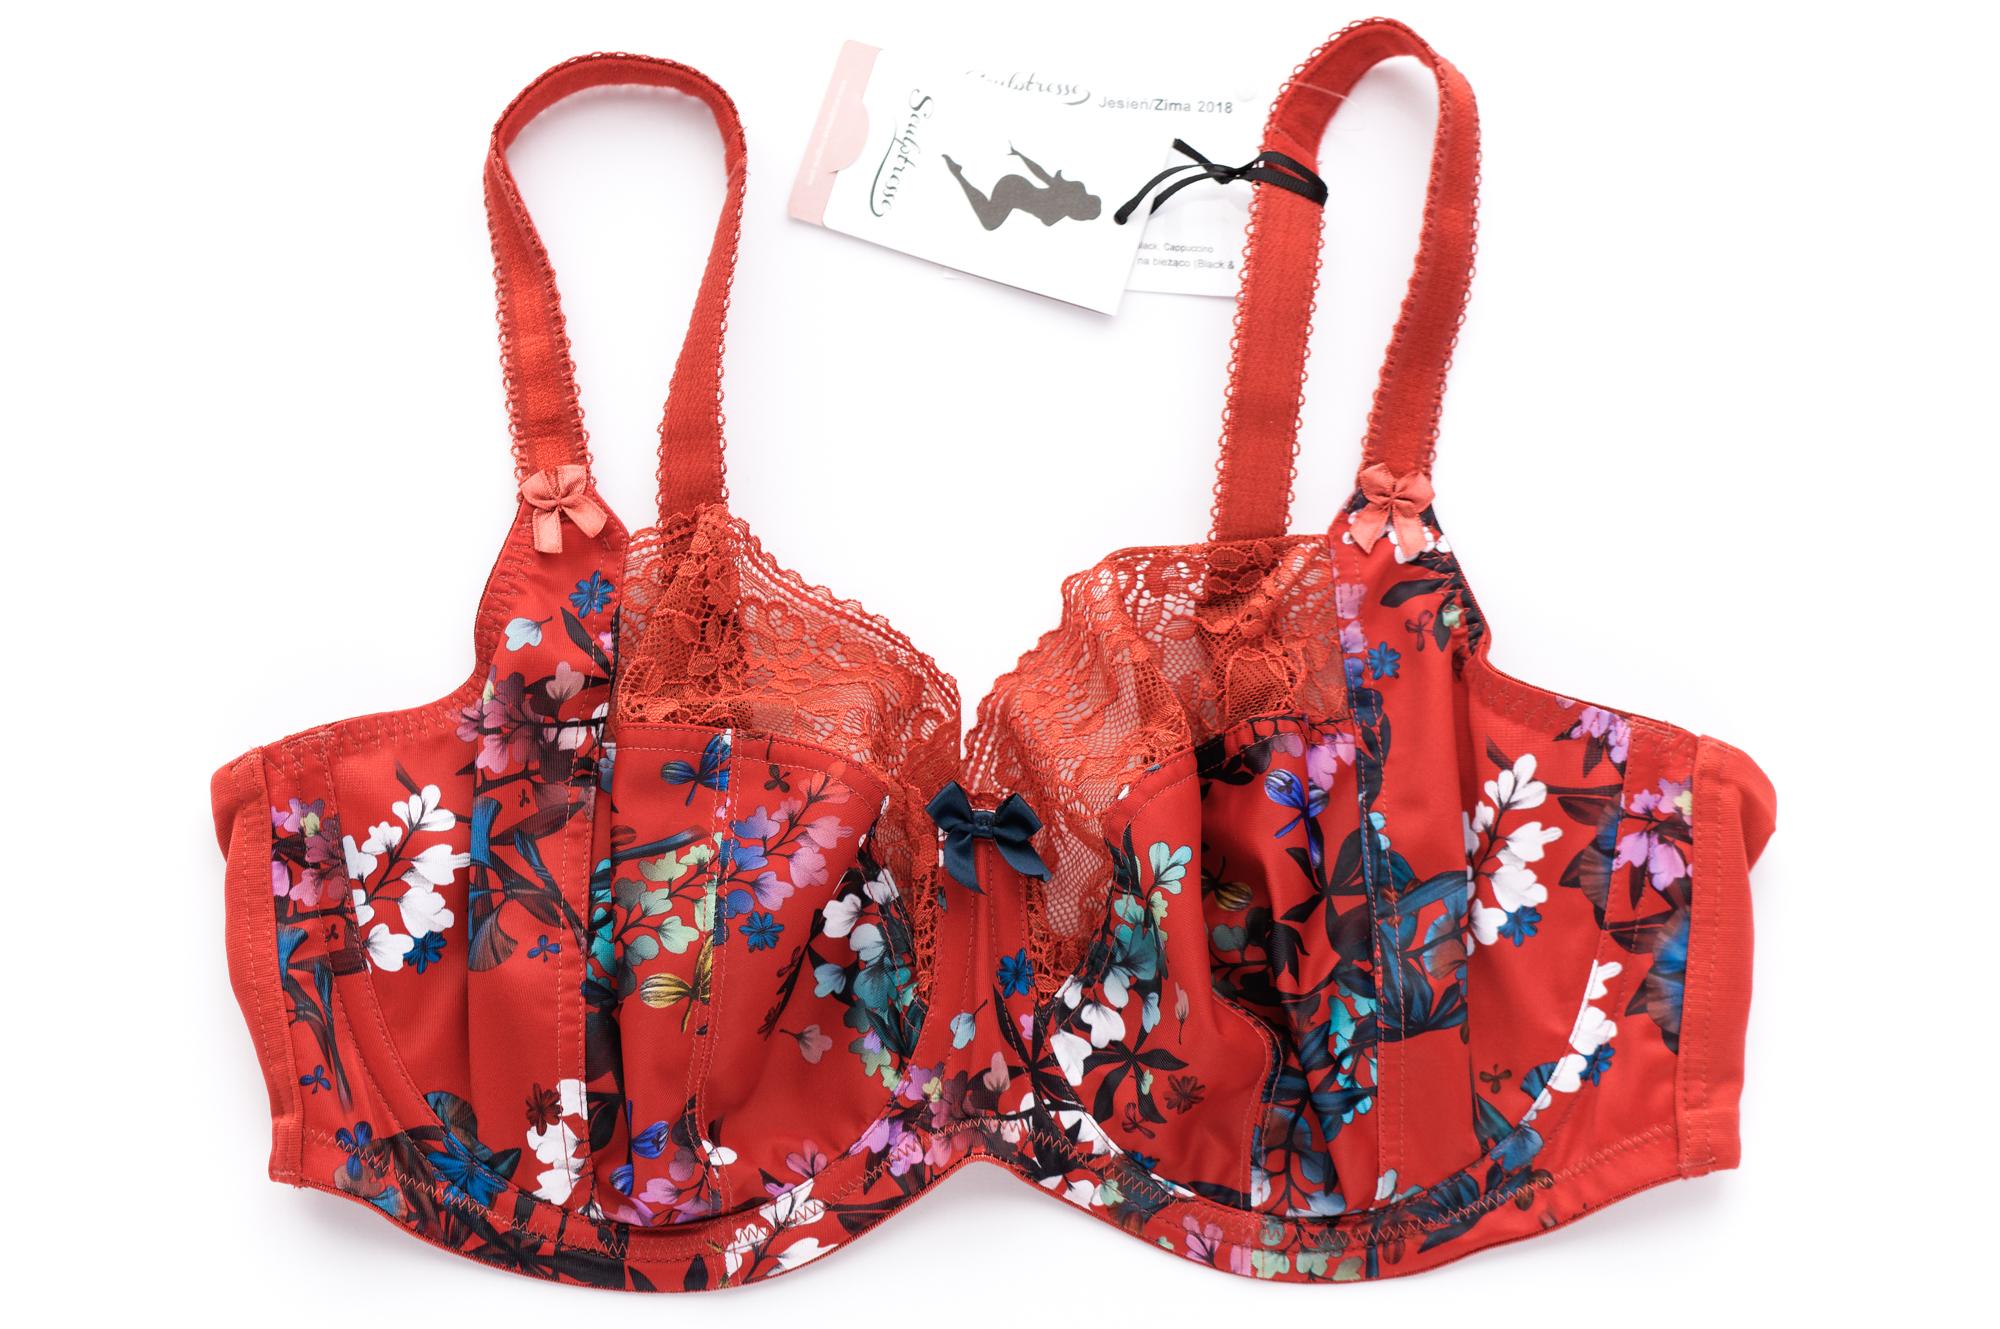 Biustonosz Chi Chi marki Sculptresse w kolorze red floral (czerwony w kwiaty) - z przodu